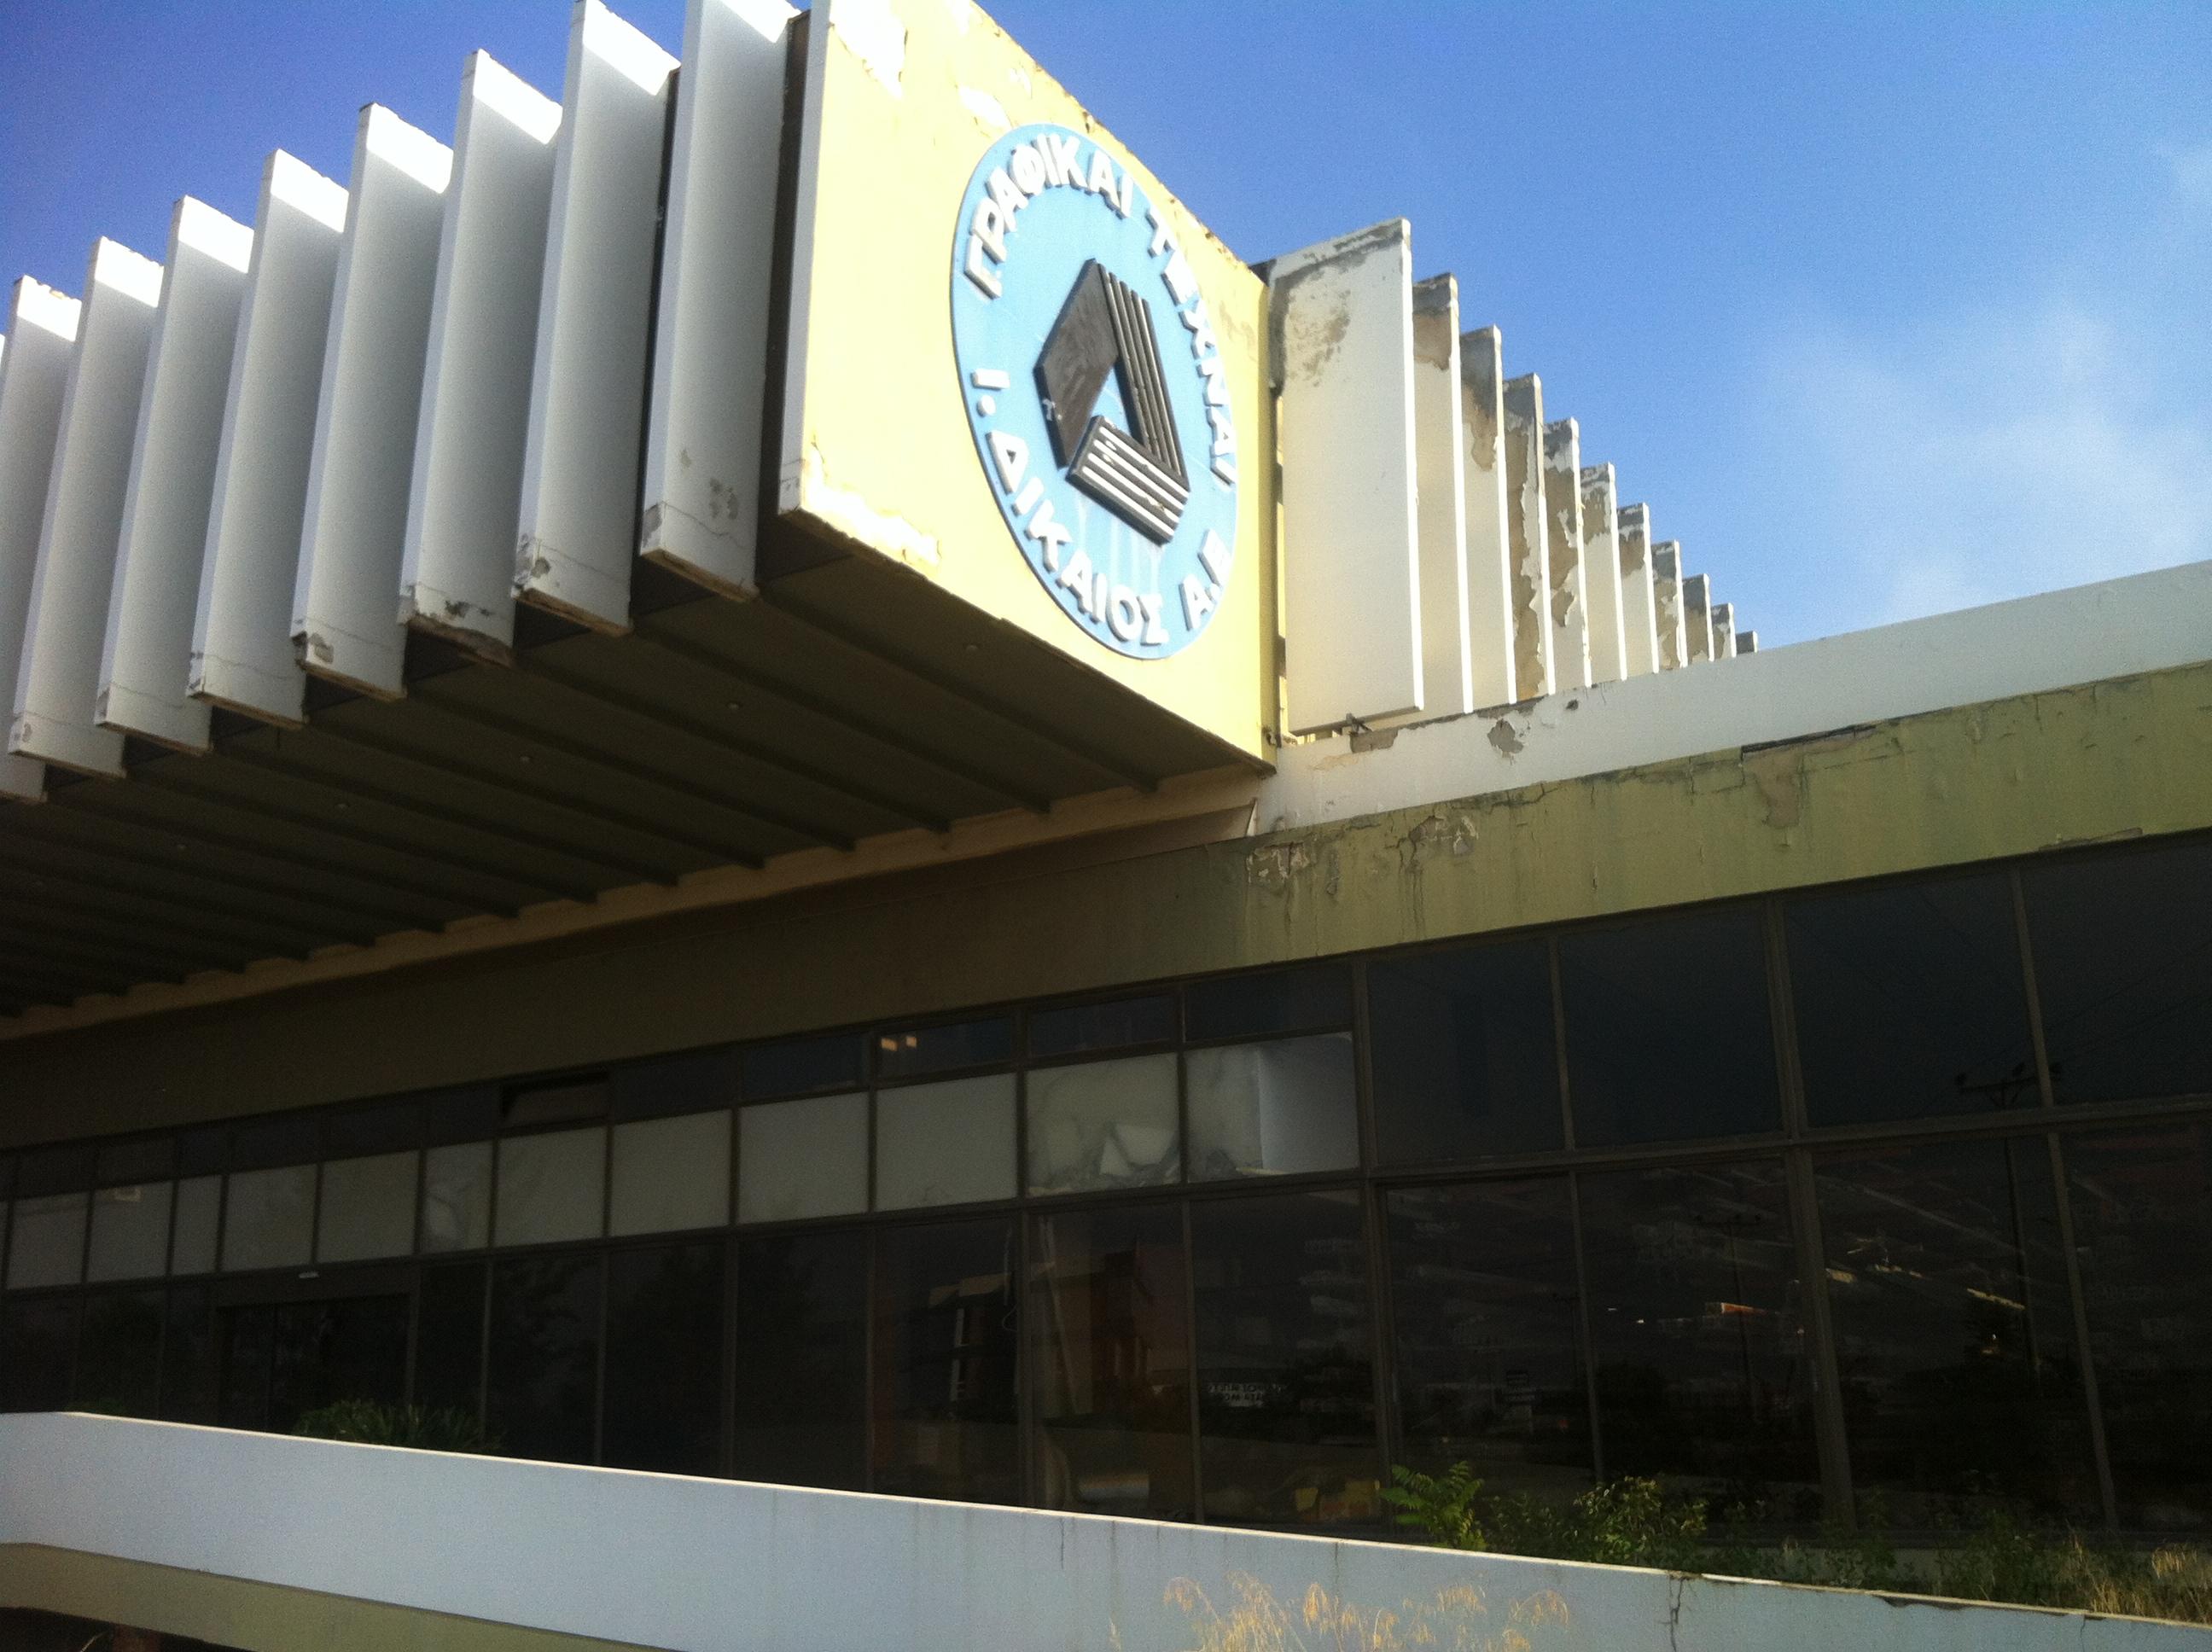 Κτίριο Τυπογραφικής ΔΙΚΑΙΟΣ ΑΕ πριν την συντήρηση